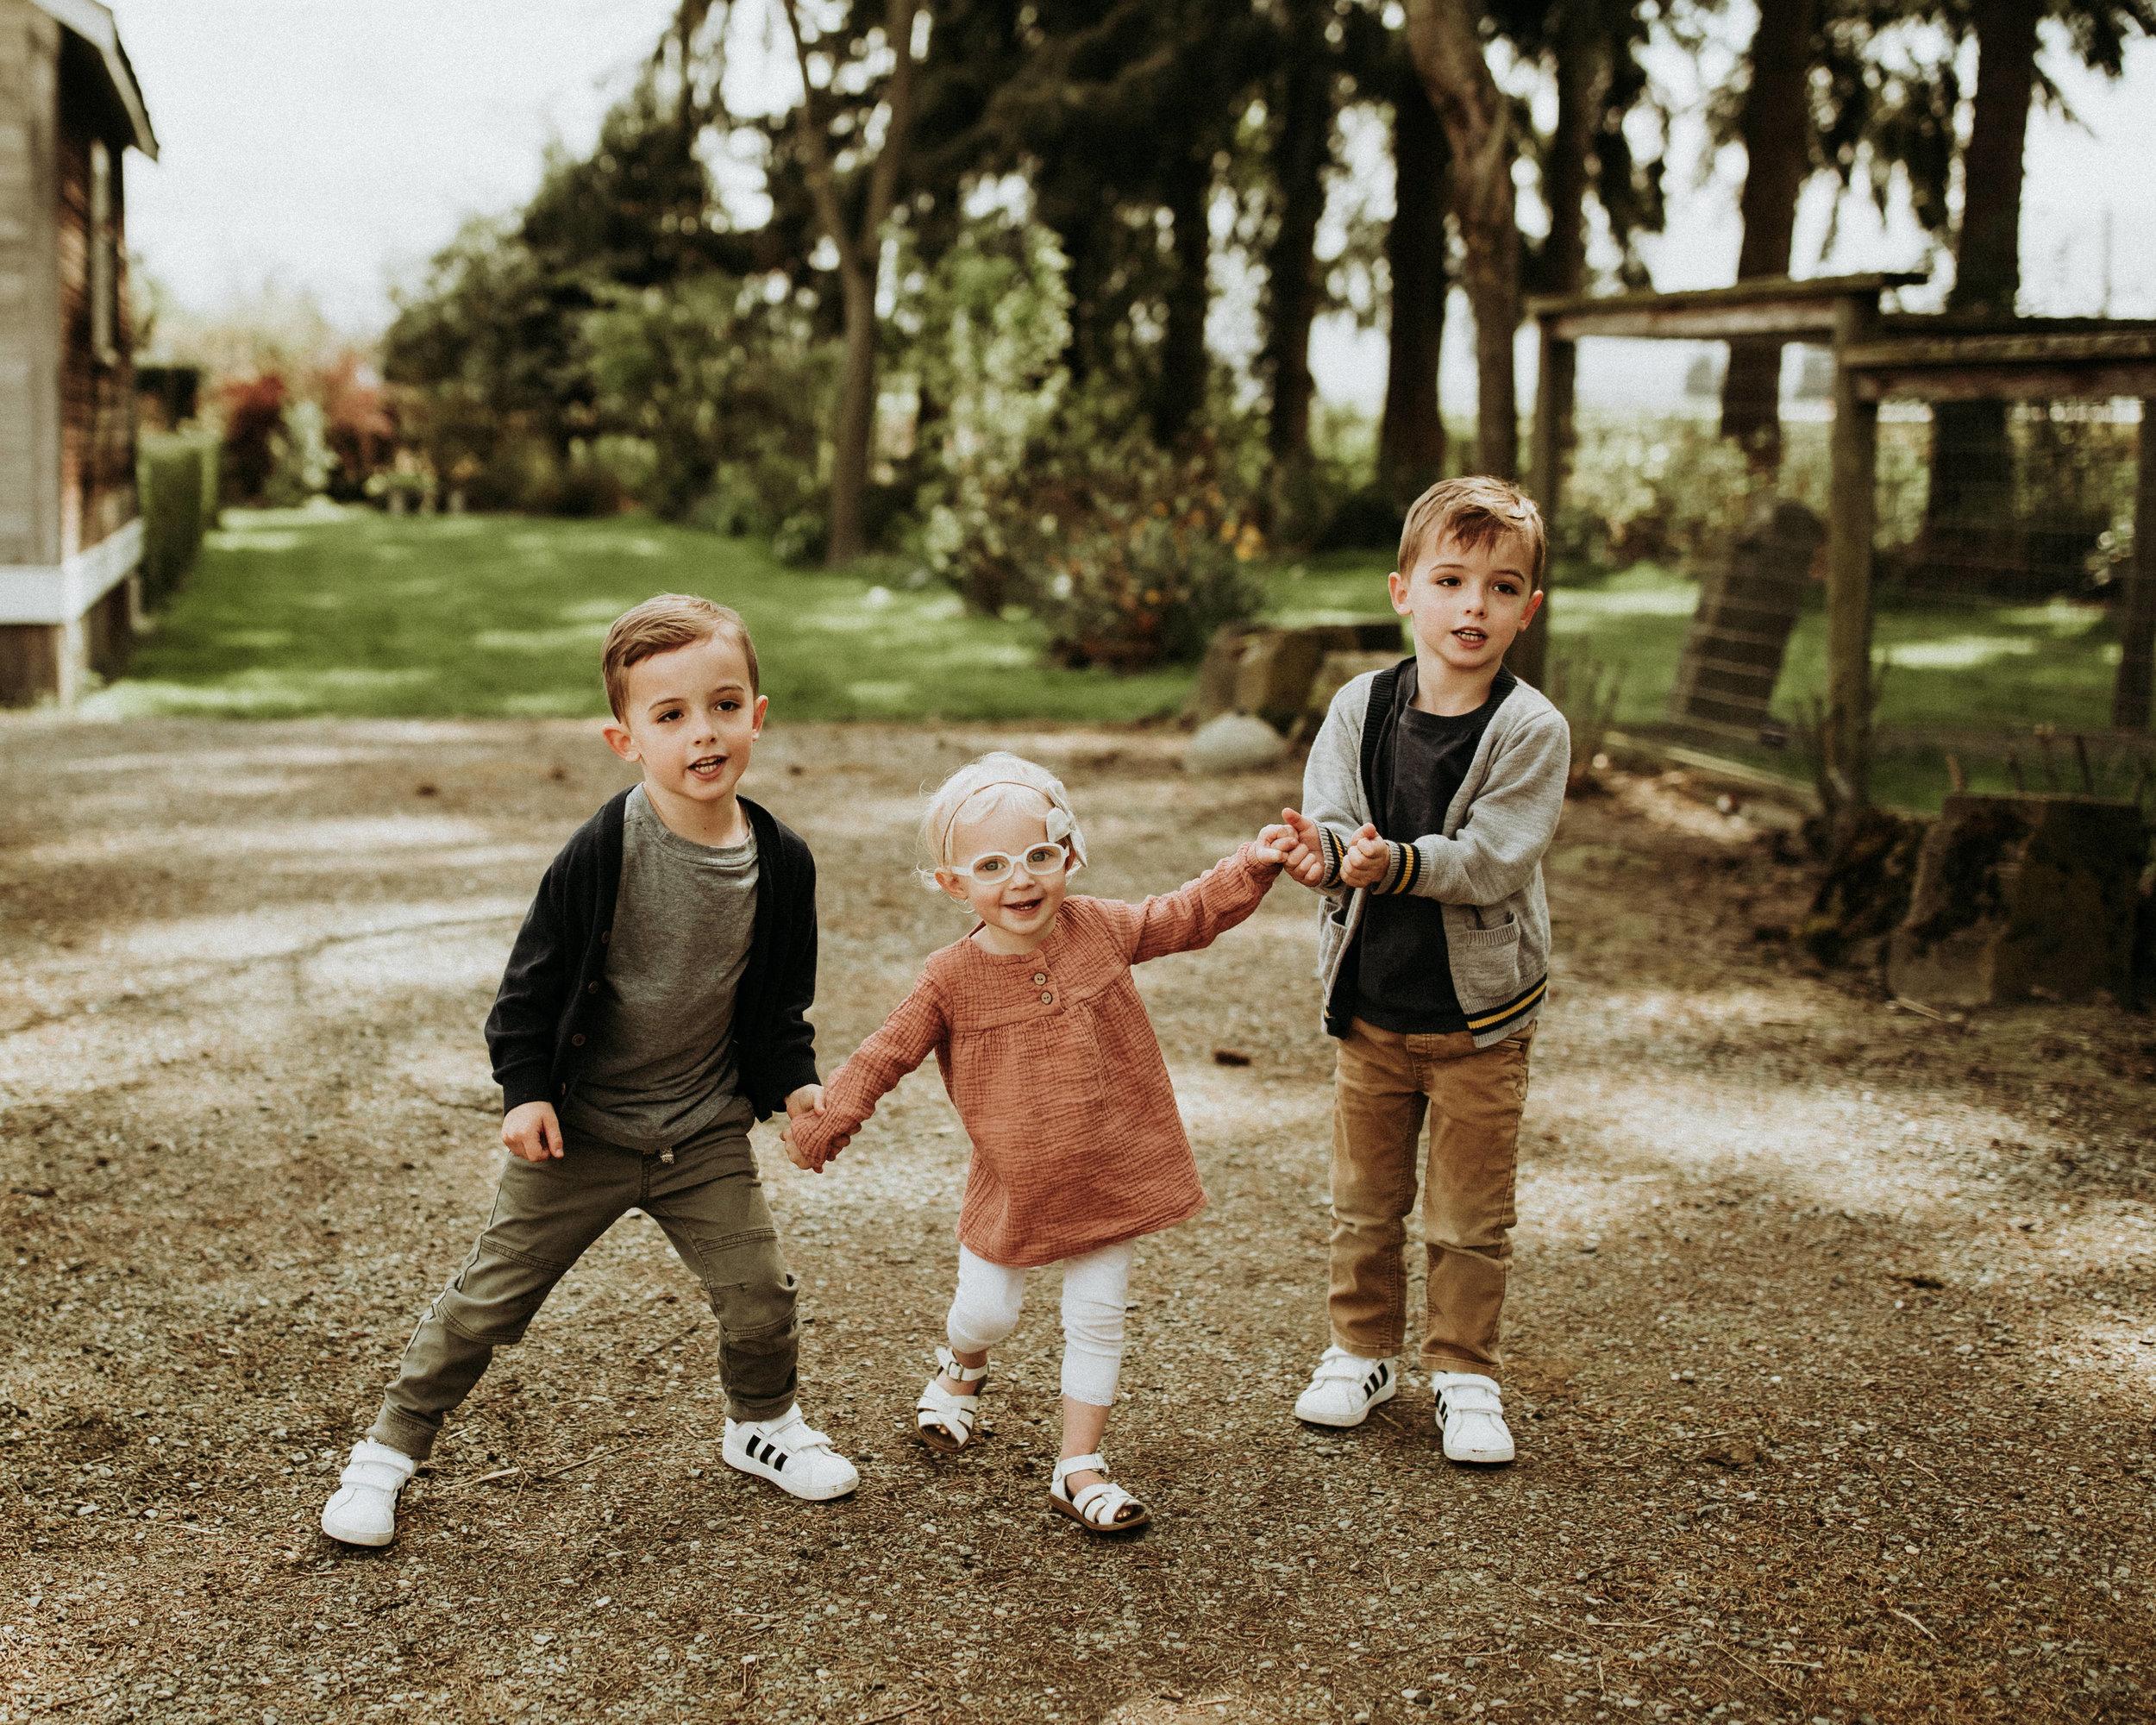 Family-Photographer-Bellingham-WA-Brianne-Bell-Photograpy-(Bennett)-13.jpg